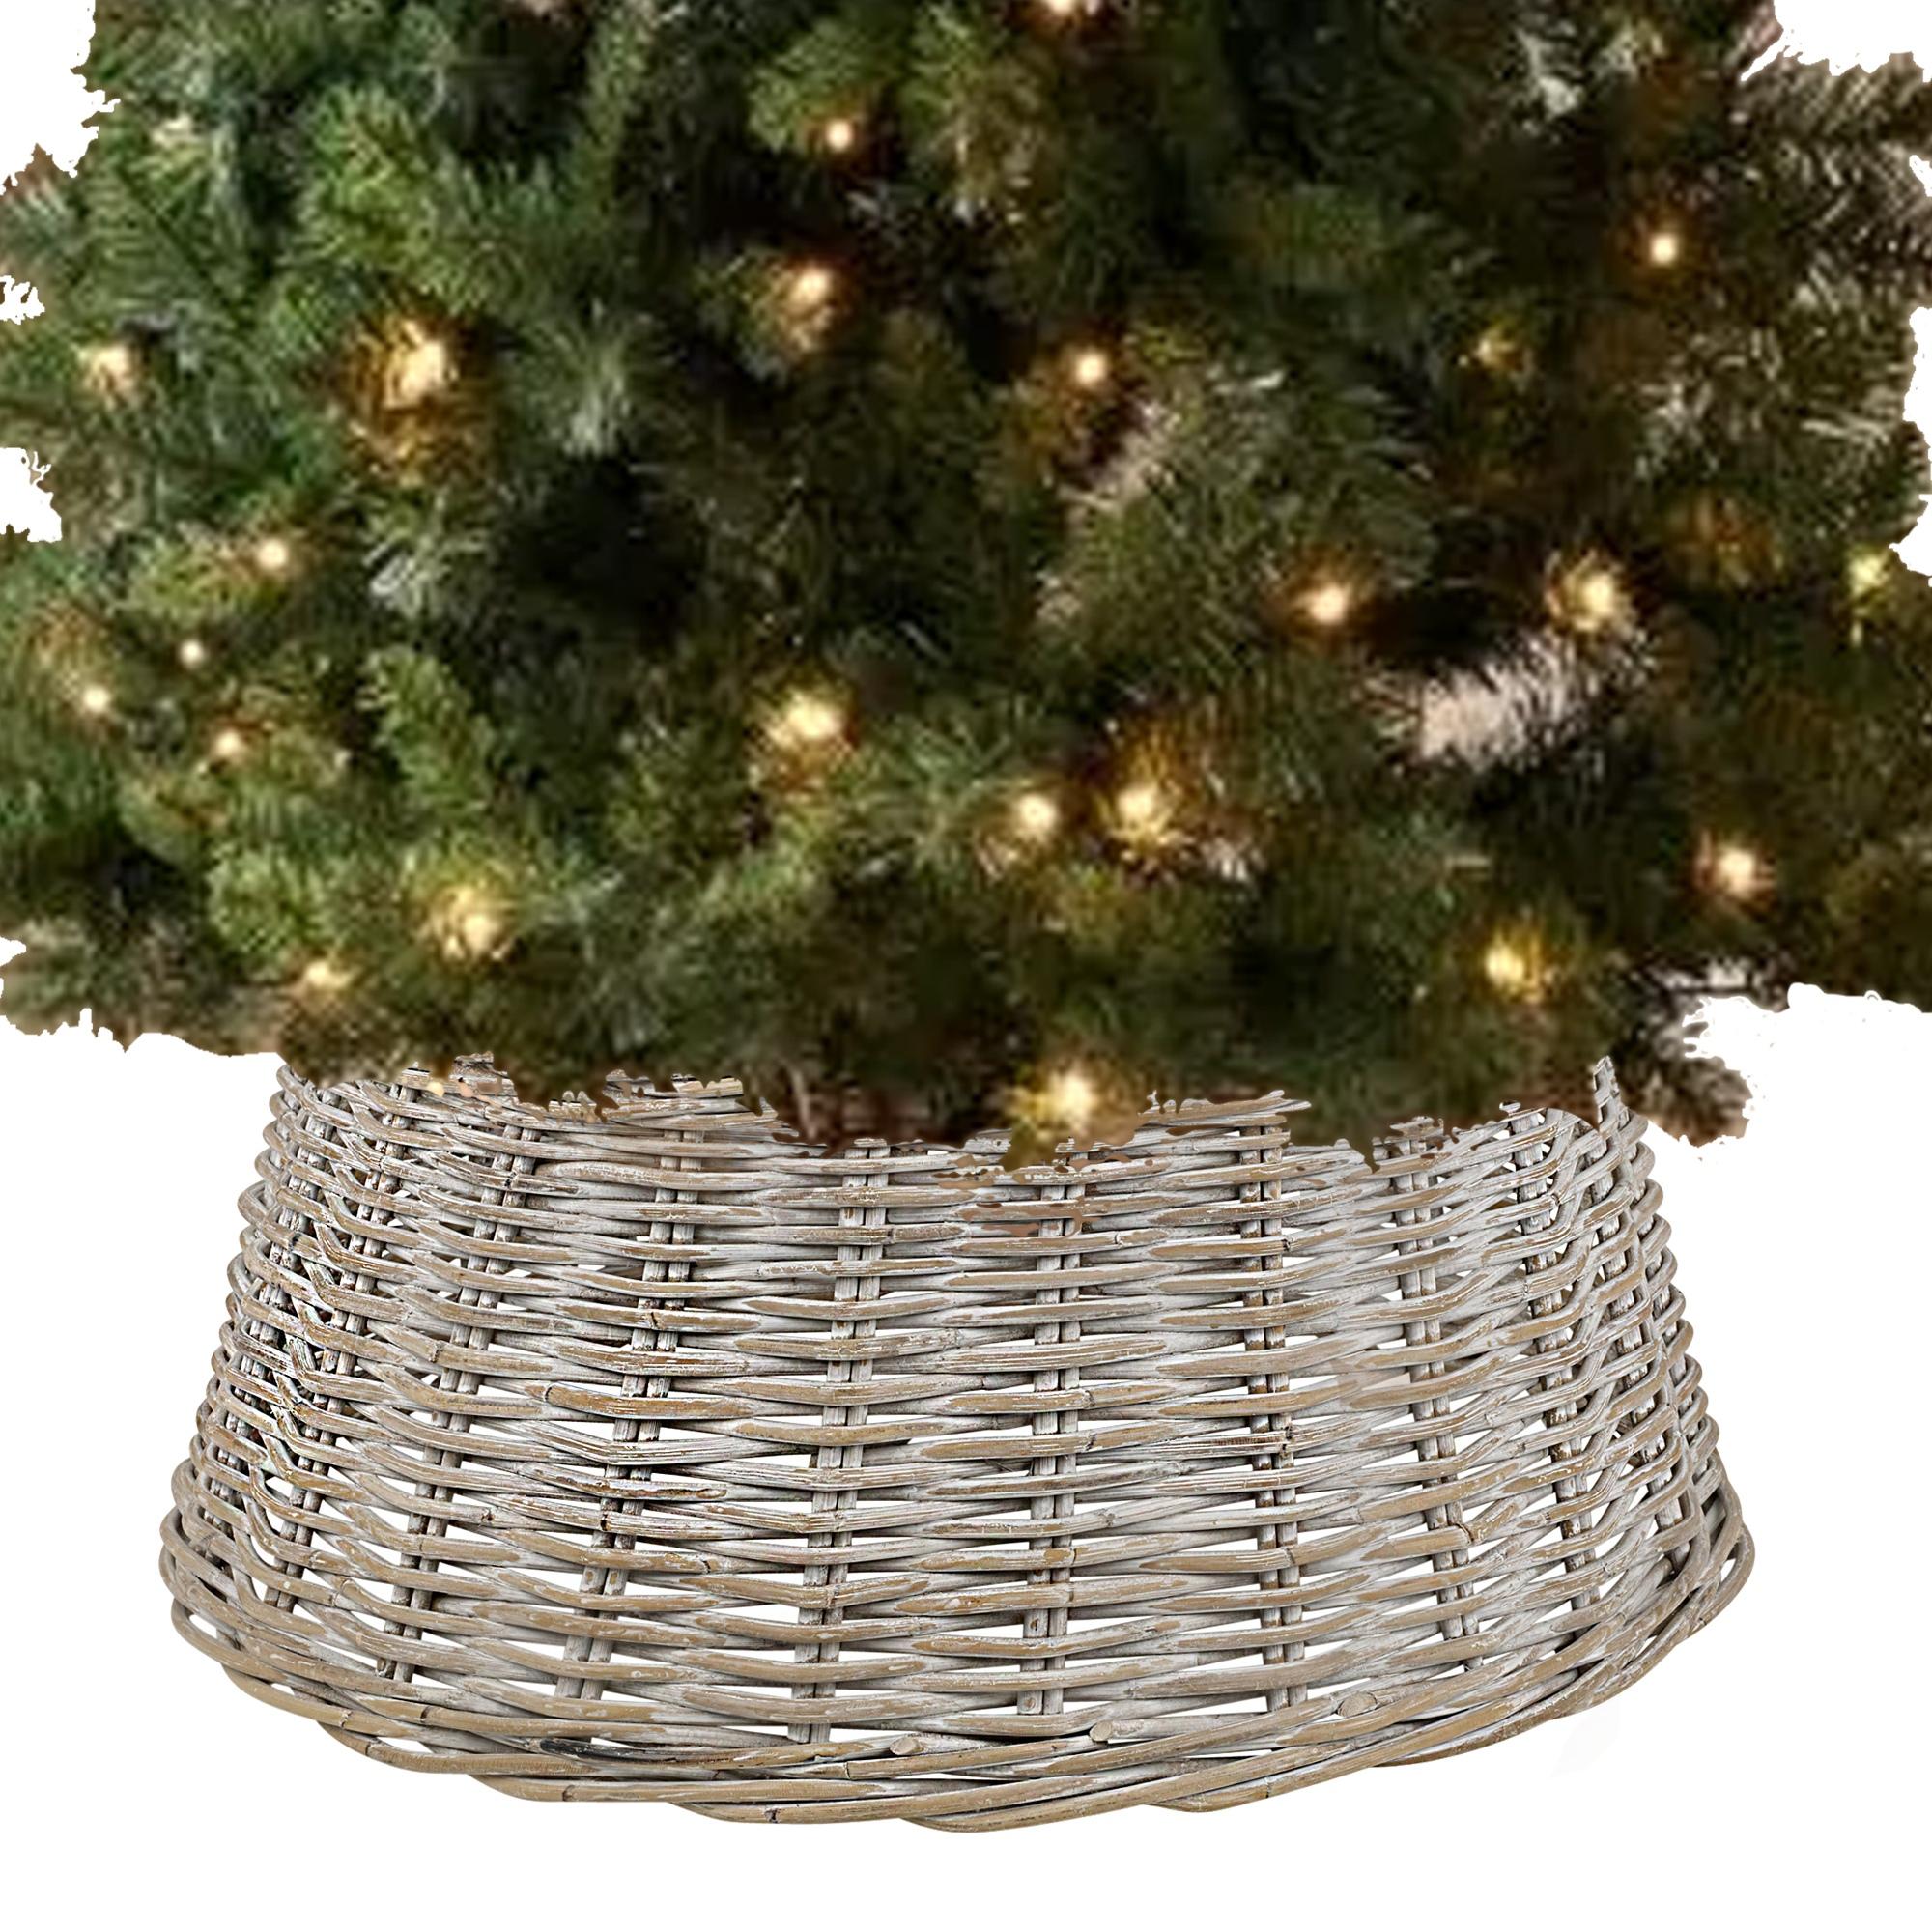 Large willow christmas tree skirt xmas rattan wicker